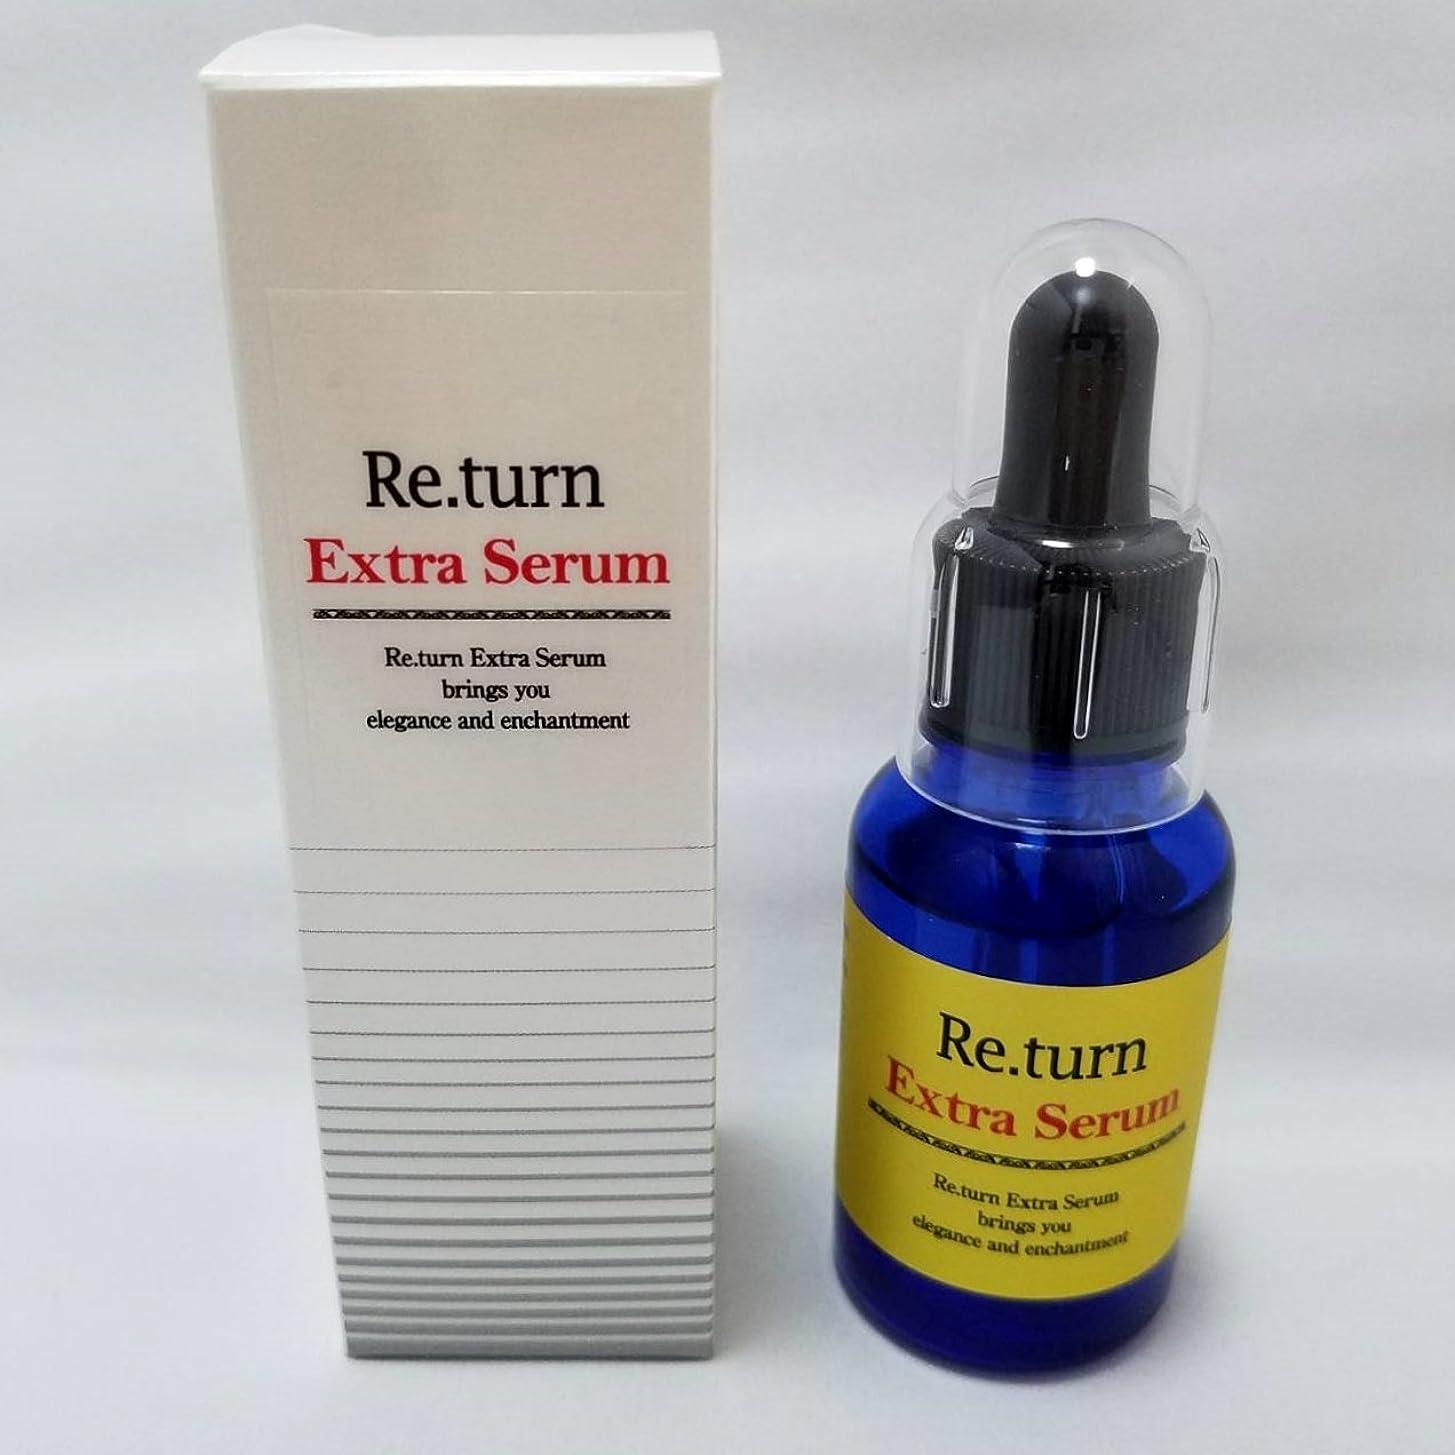 戸口歌う喉が渇いたRe.turn 高濃度 SCCプレミアム エッセンス 30ml 幹細胞 美容液 ヒト幹細胞+馬プラセンタ リターン 美容液